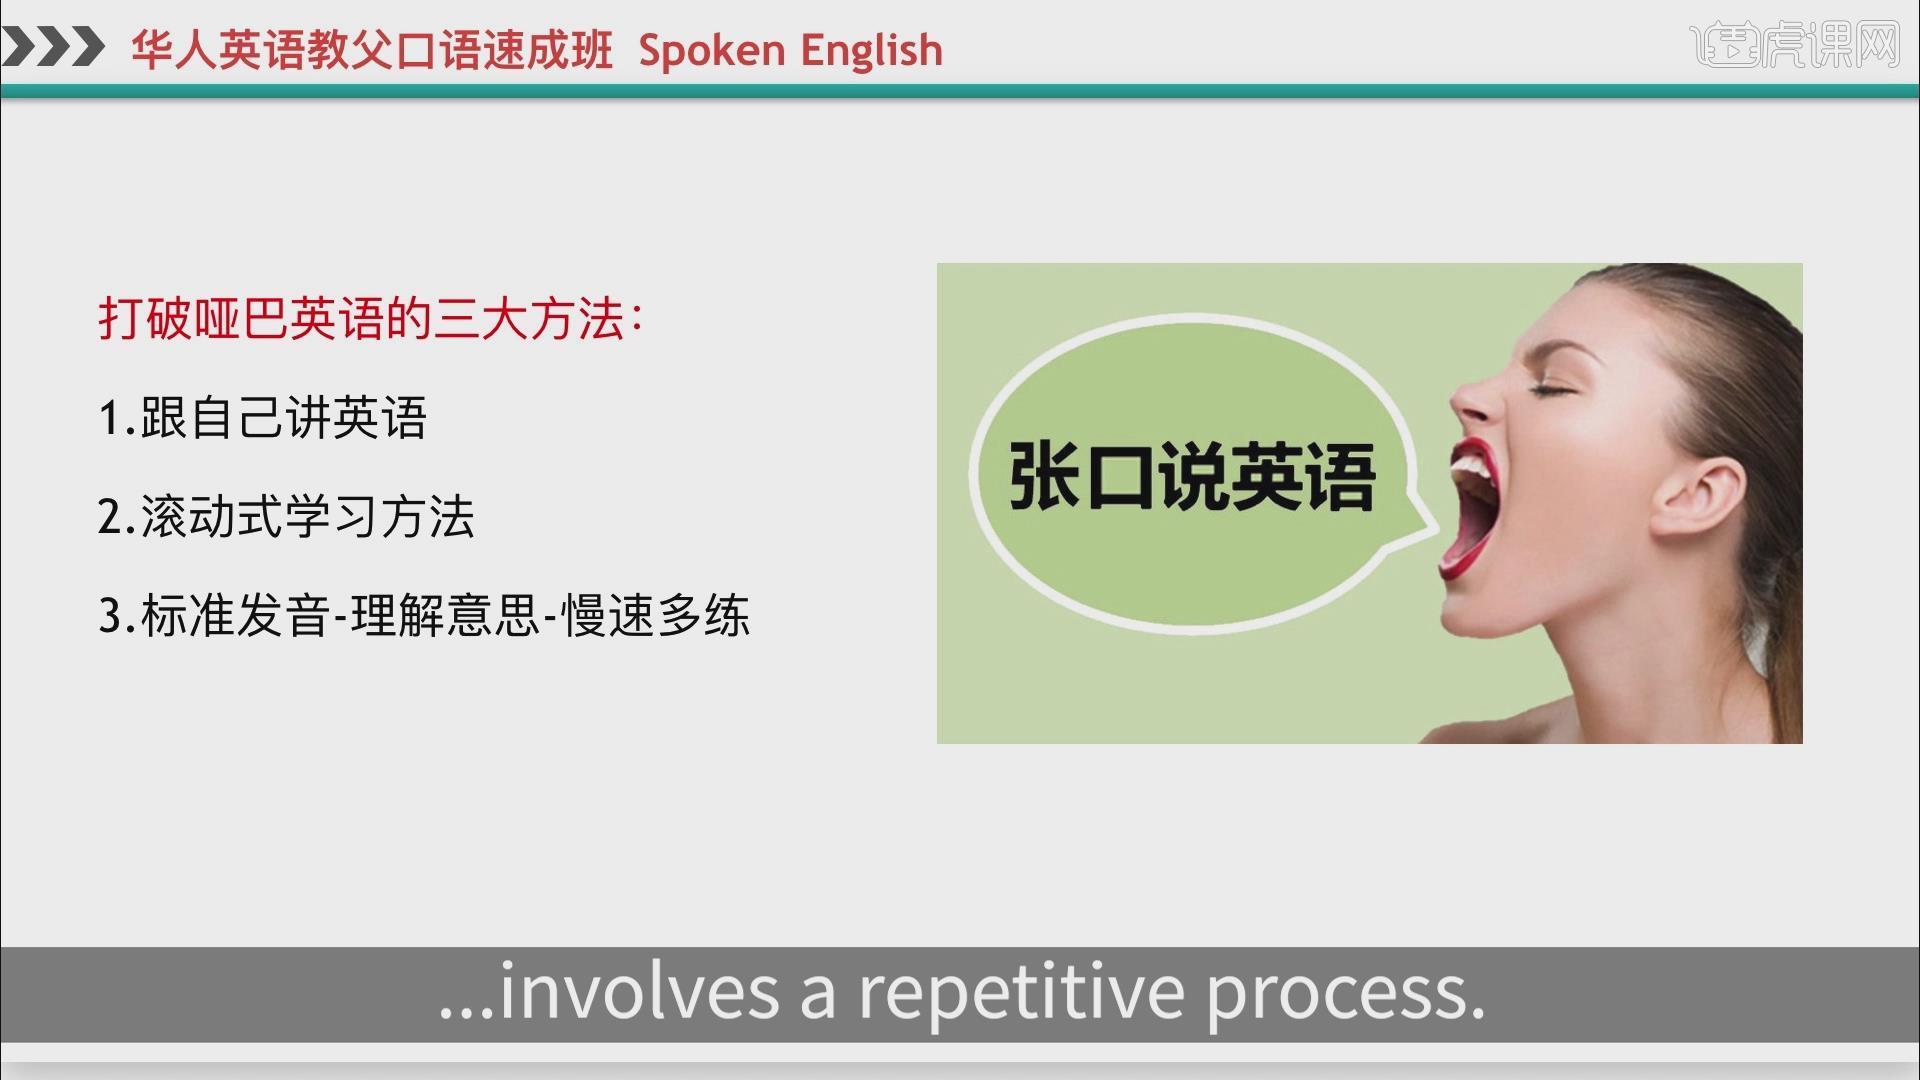 如何提高英语口语_如何打破哑巴英语-【42节口语对话套课】 - 学生专区教程_无 - 虎 ...